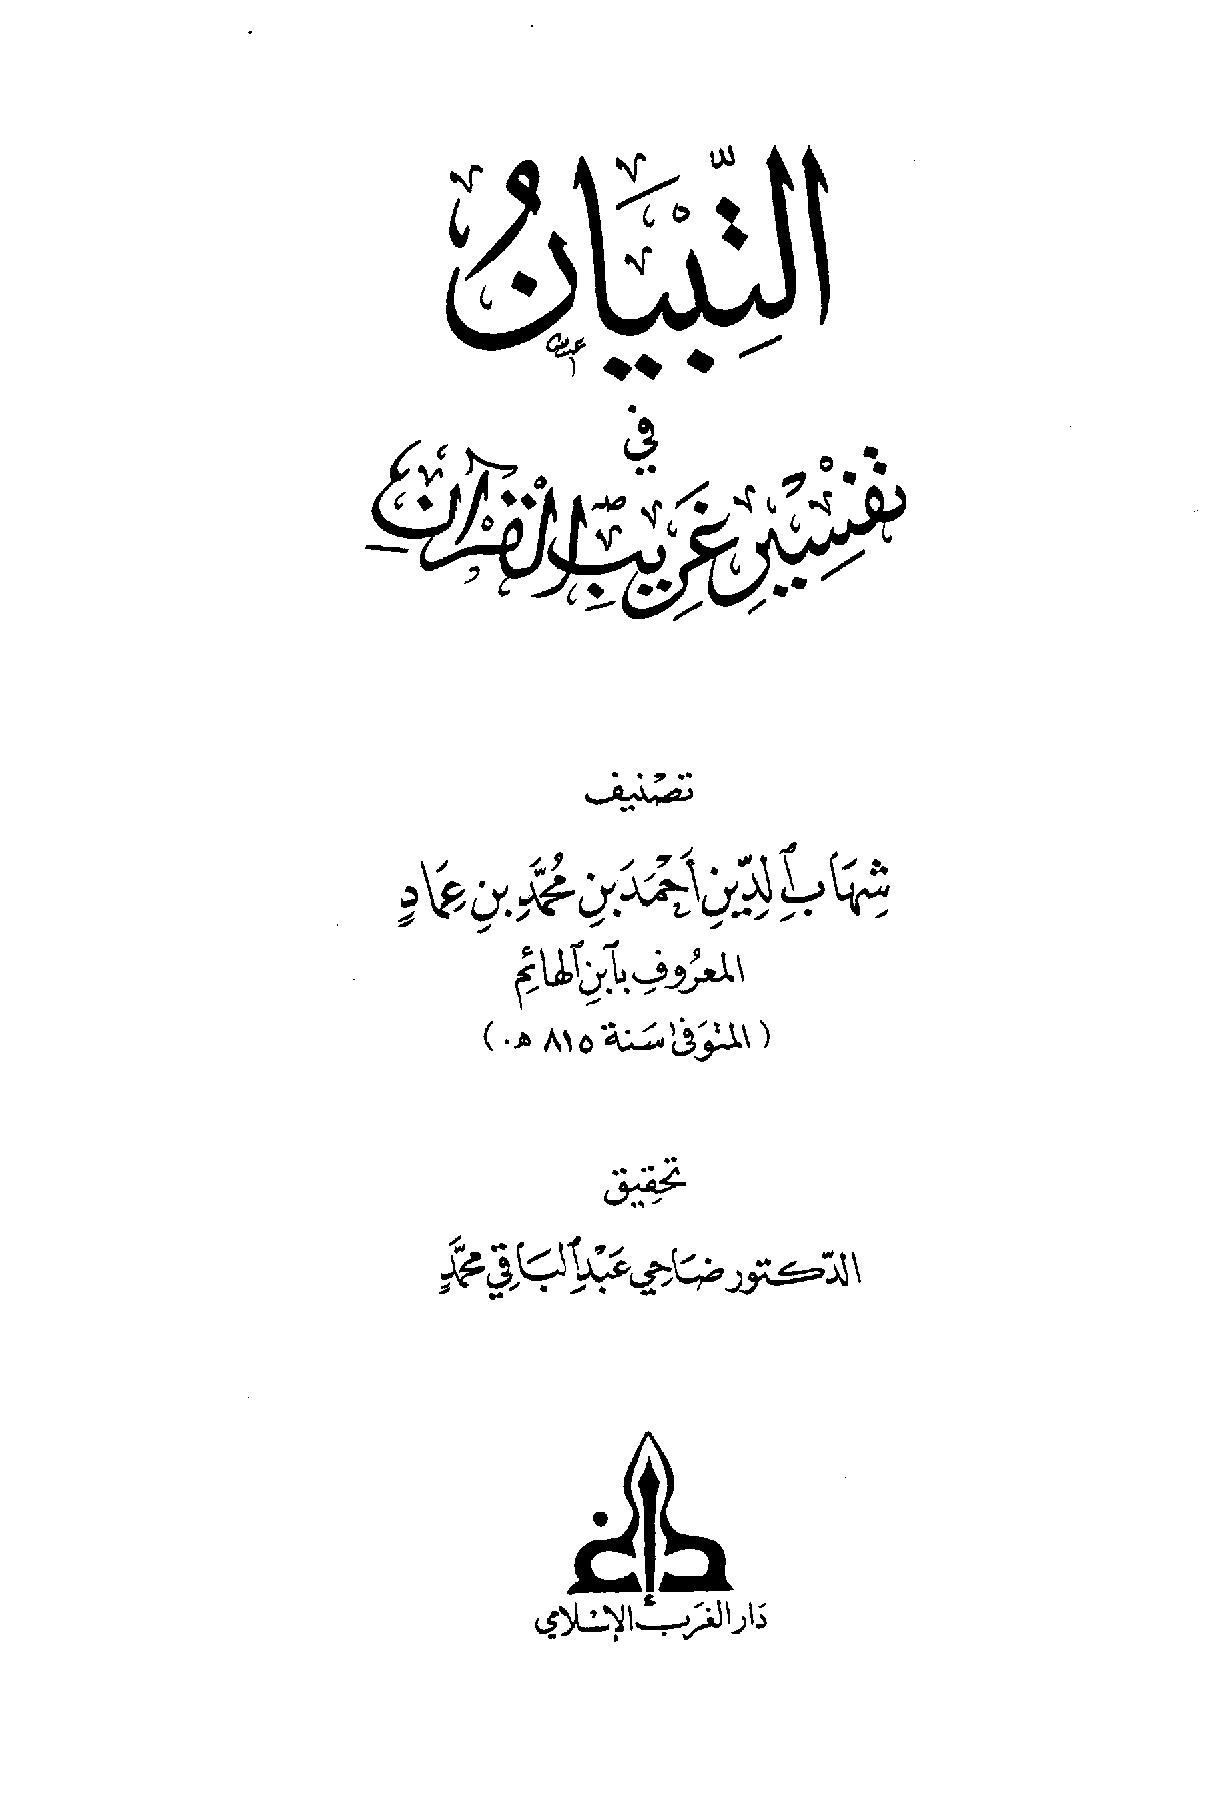 تحميل كتاب التبيان في تفسير غريب القرآن لـِ: الإمام شهاب الدين أحمد بن محمد بن عماد المعروف بابن الهائم (ت 815)